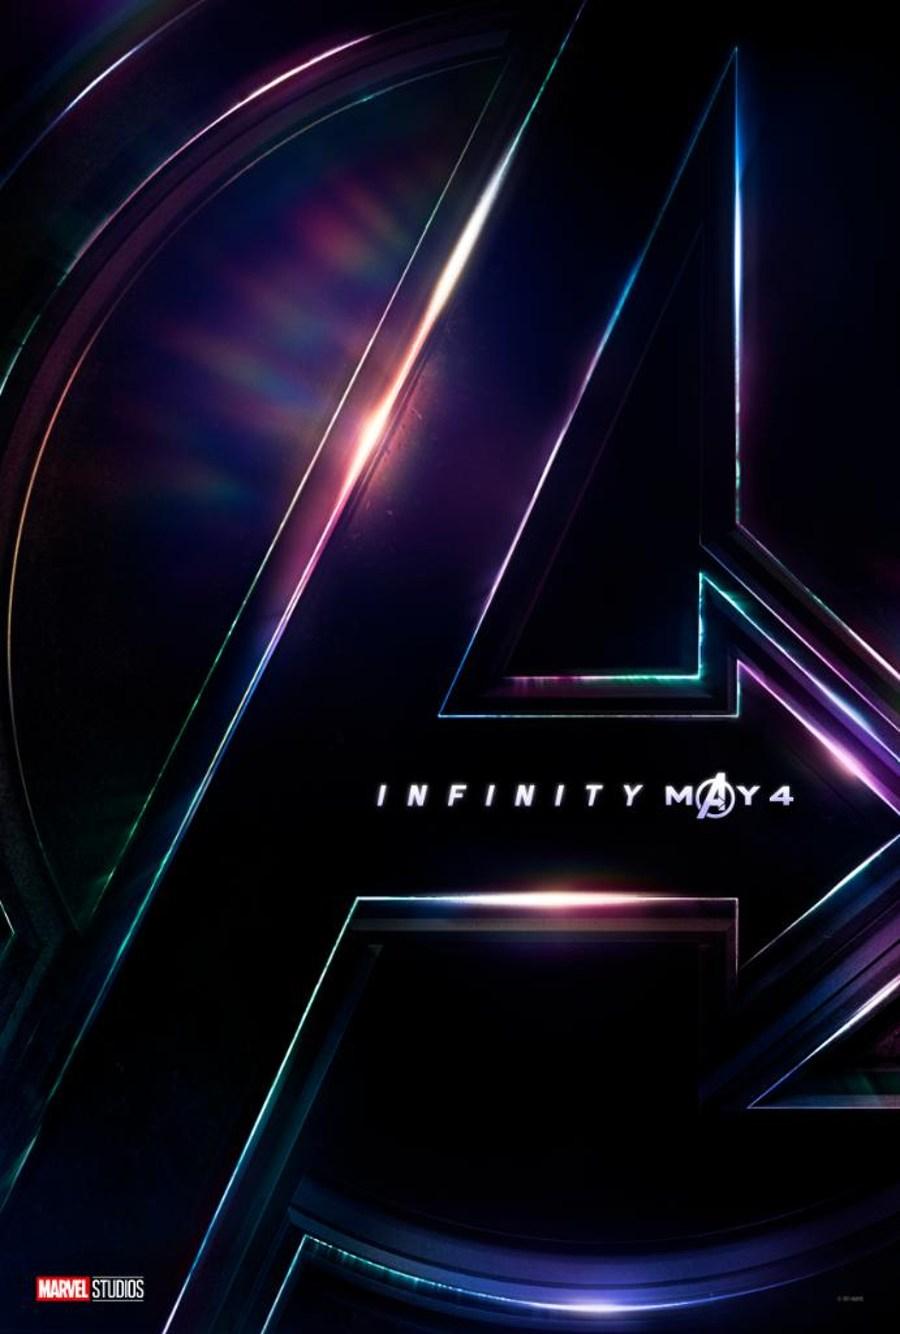 Avengers Infinity War Trailer & Teaserposter